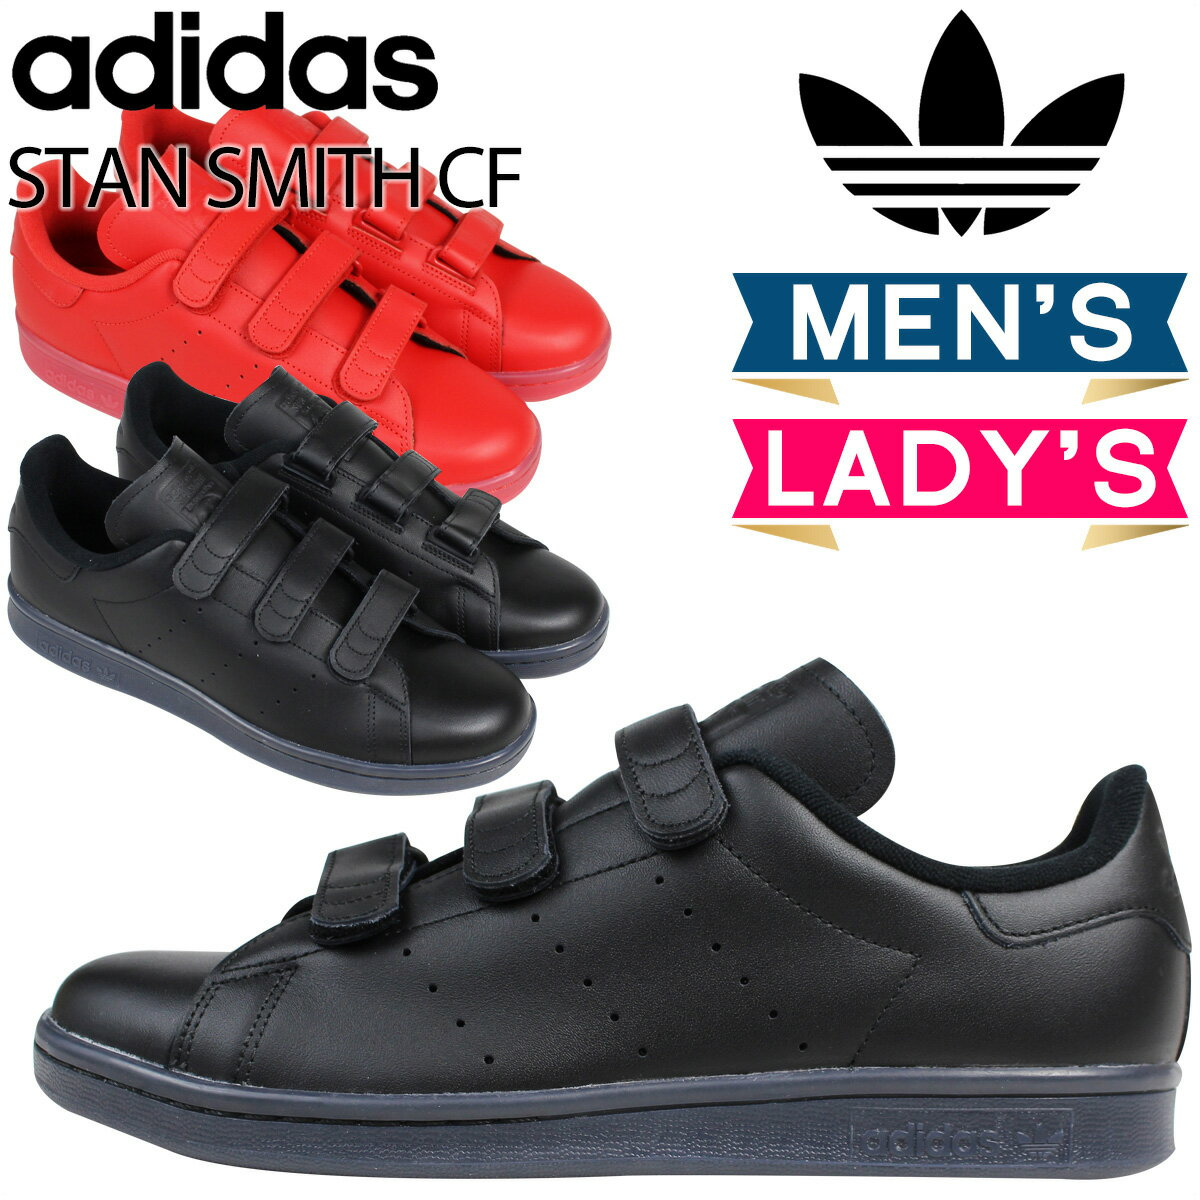 adidas アディダス スタンスミス ベルクロ スニーカー  STAN SMITH CF  S80043 S80044 メンズ レディース 靴 ブラック レッド